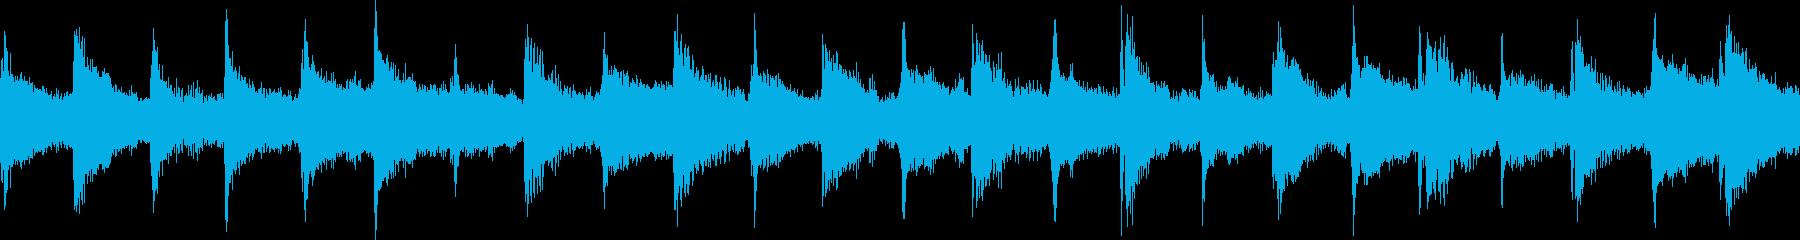 チクタクと時を支配する次元空間 明ループの再生済みの波形